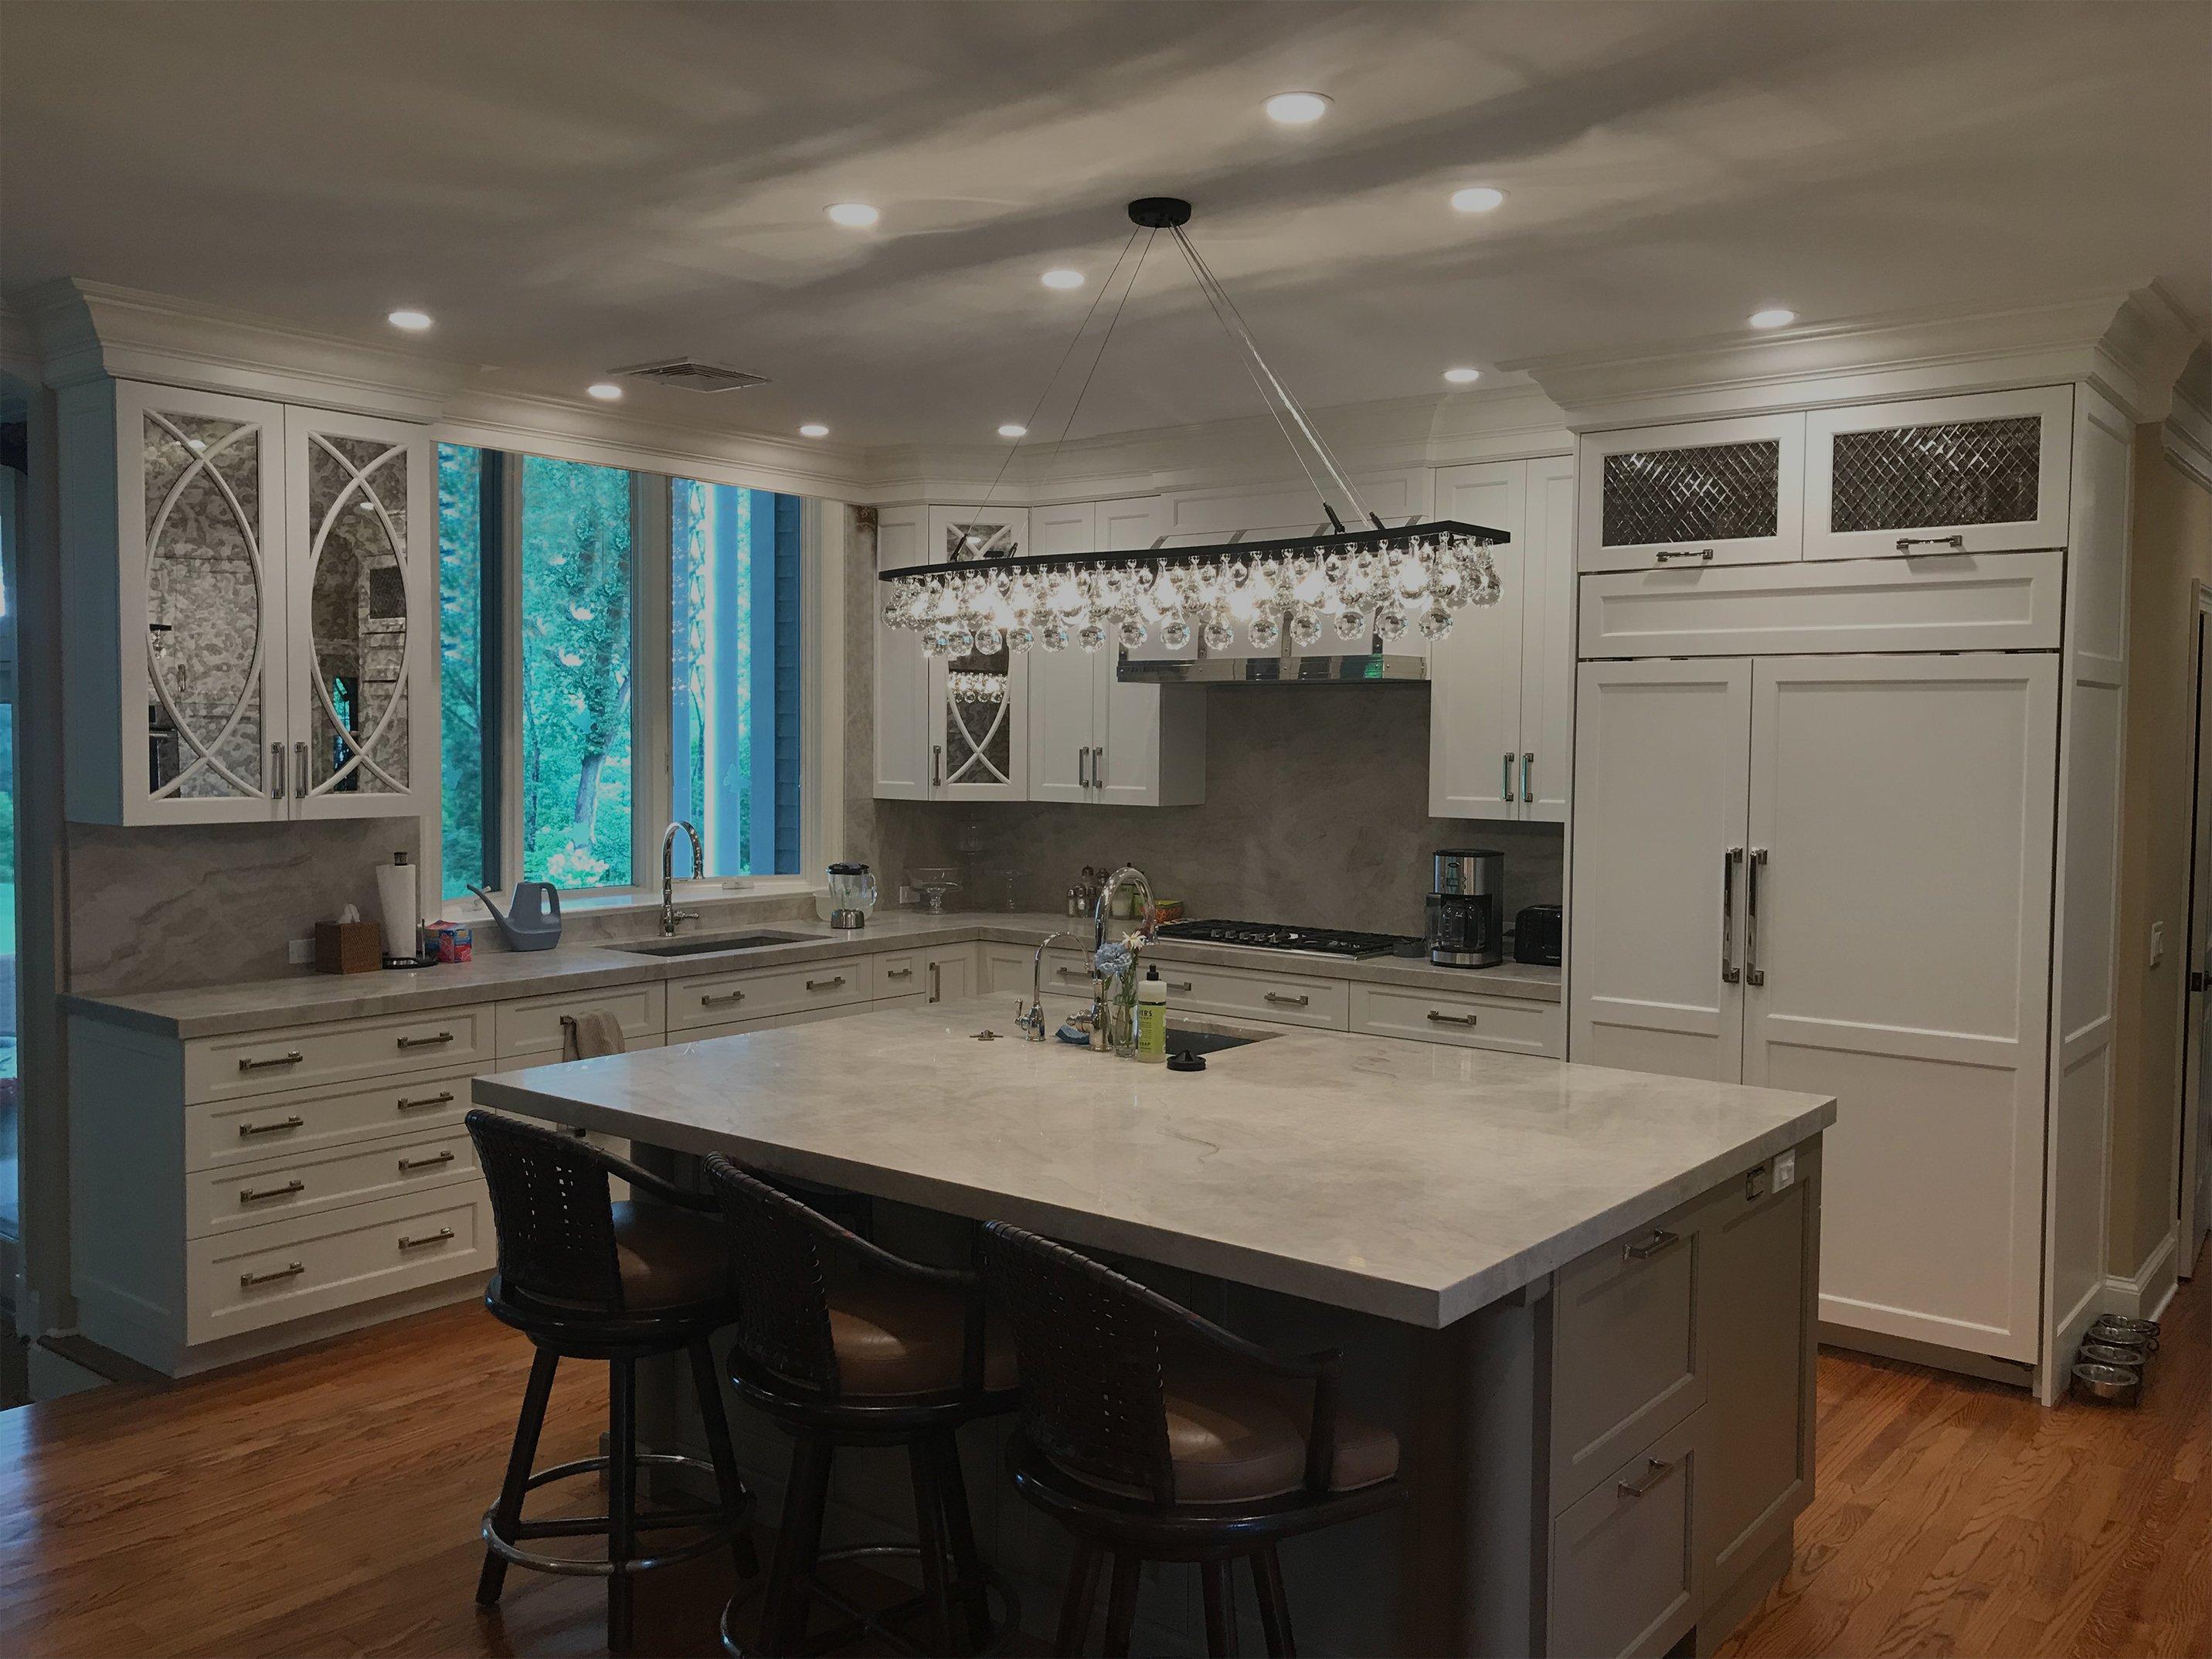 Digesu Home Remodeling